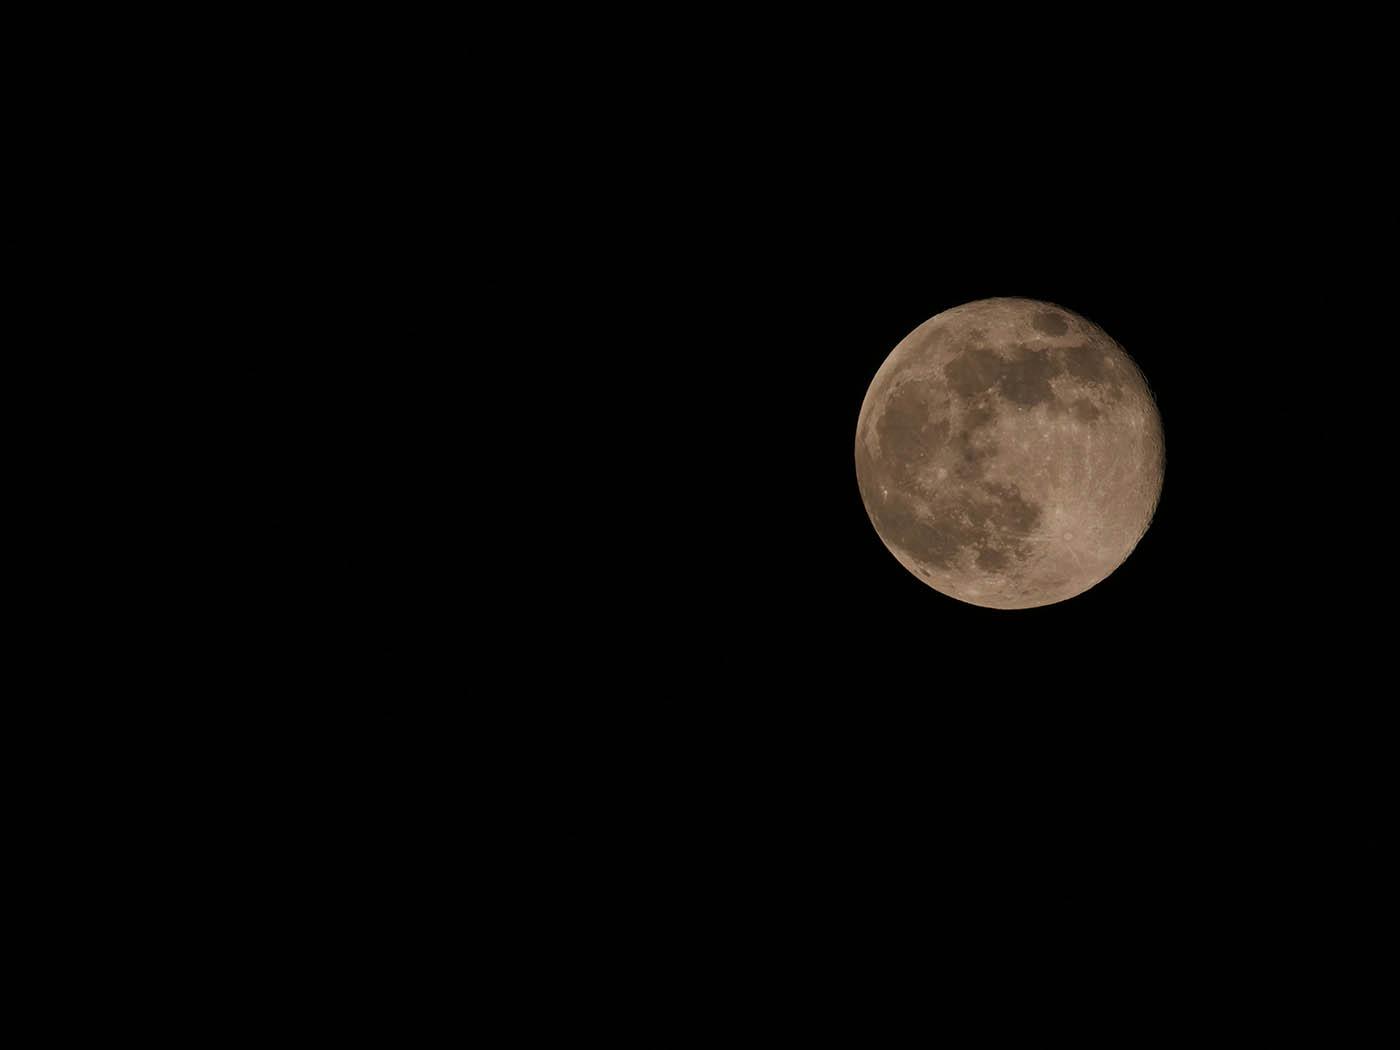 photo de Super Lune prise avec le Panasonic Leica 100-400 mm